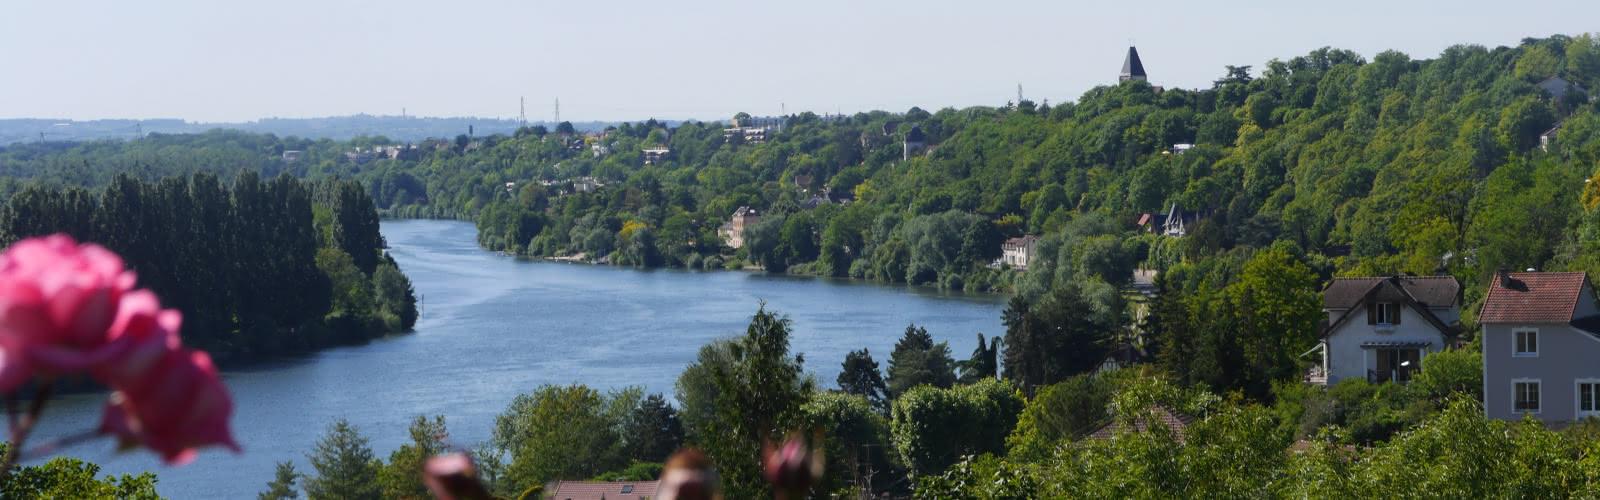 Vue sur la Seine depuis La Frette-sur-Seine